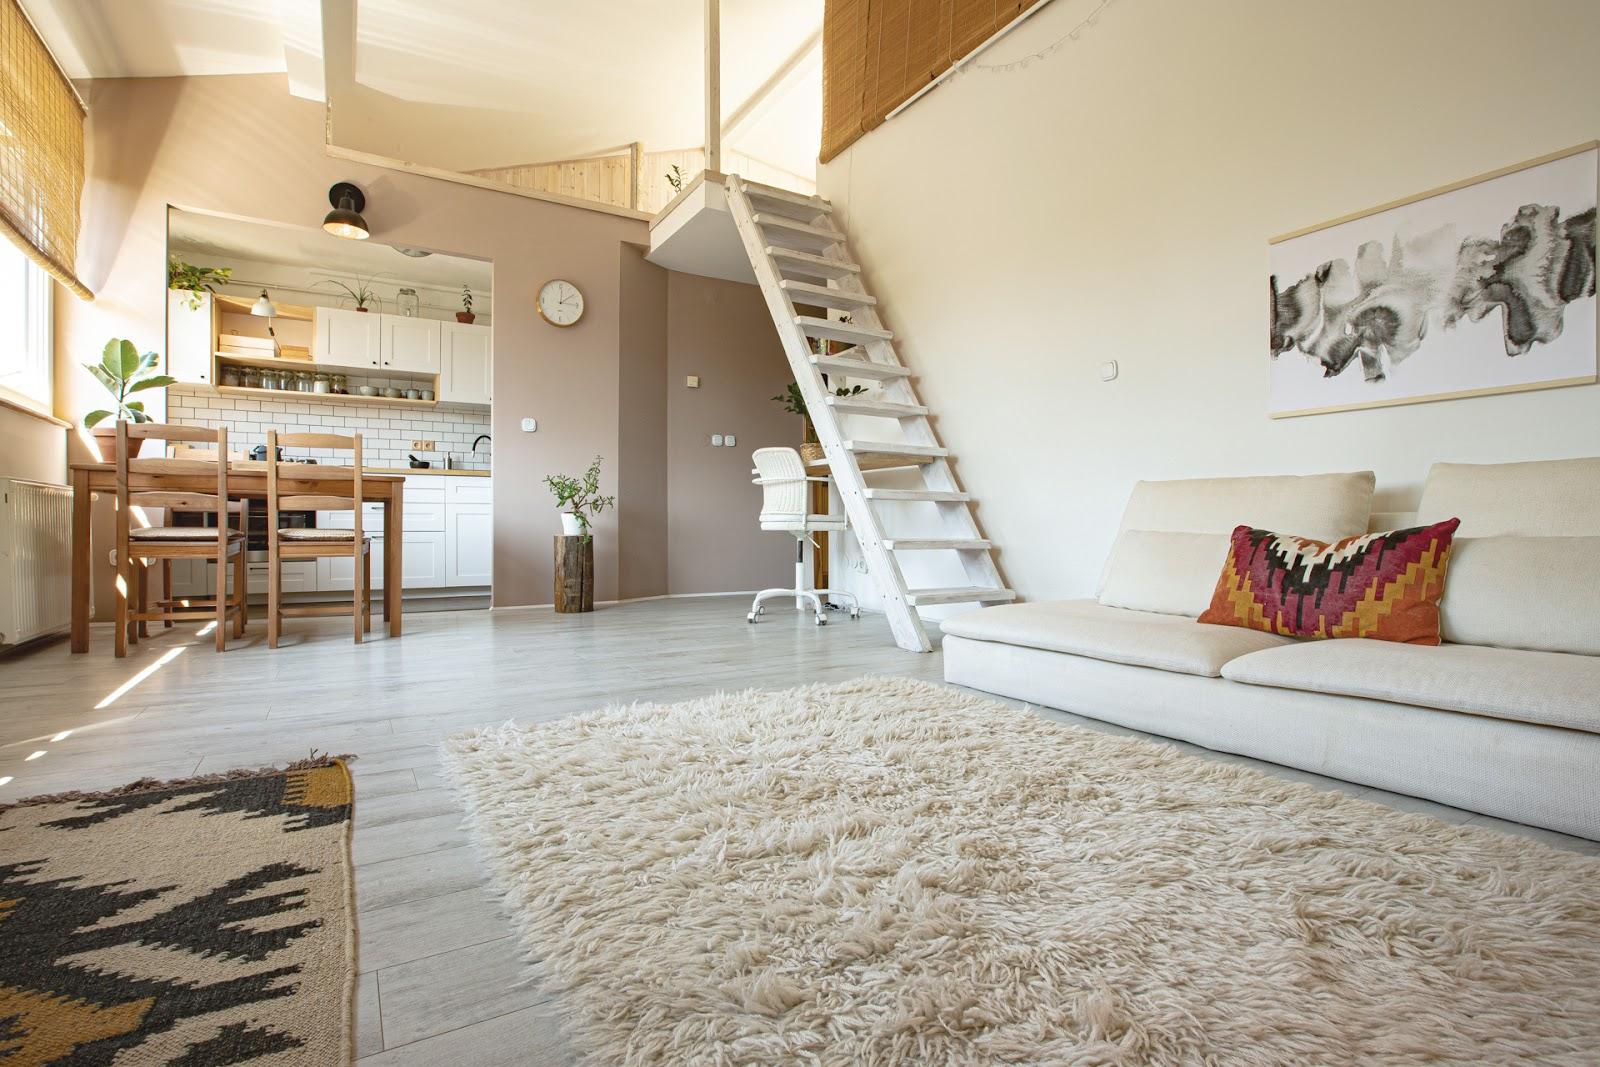 kicsi de világos nappali konyha natúr falszínekkel